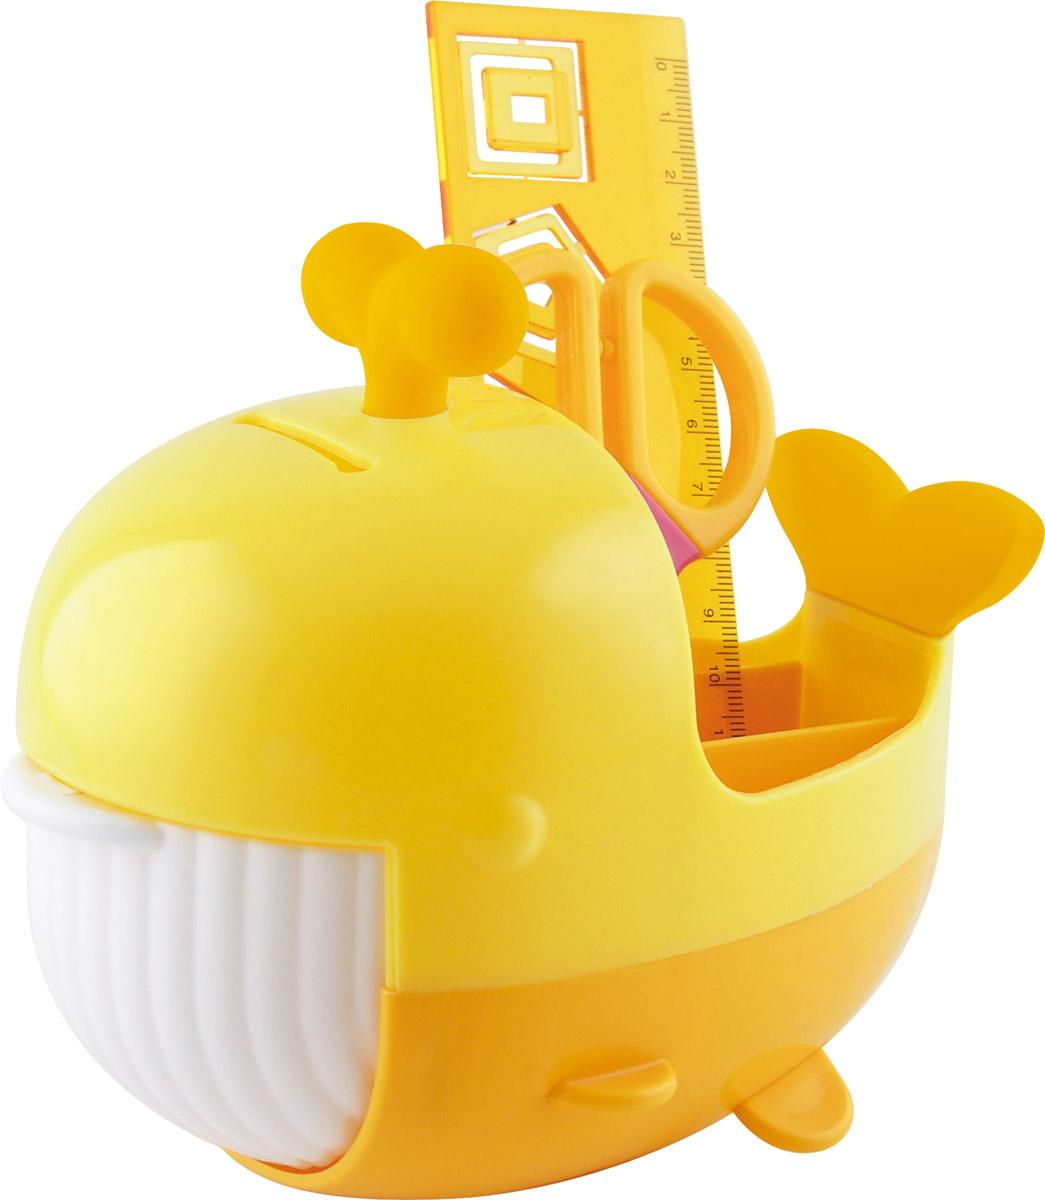 Brauberg Канцелярский набор Кит цвет желтый оранжевый 4 предмета231935_желтый,оранжевыйКанцелярский набор Brauberg Кит выполнен из высококачественного яркого пластика и позволяет практично, удобно и оригинально организовать место для учебы и развлечений ребенка.Подставка для канцелярских принадлежностей выполнена в виде кита с открывающейся пастью, внутри которой располагается дополнительное отделение для хранения. Хвост кита и фонтанчик на его голове являются съемными ластиками. В набор также входят сантиметровая линейка с вырубками-трафаретами в виде геометрических фигур, безопасные ножницы, ластик, канцелярские скрепки. Необычный канцелярский набор понравится любому школьнику и сделает учебу более интересной.